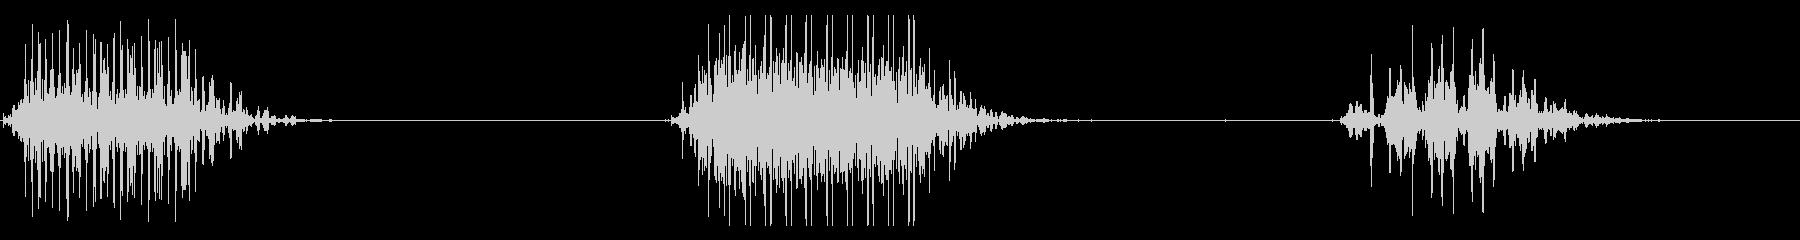 ちゃんちゃん(オチ)ver2の未再生の波形